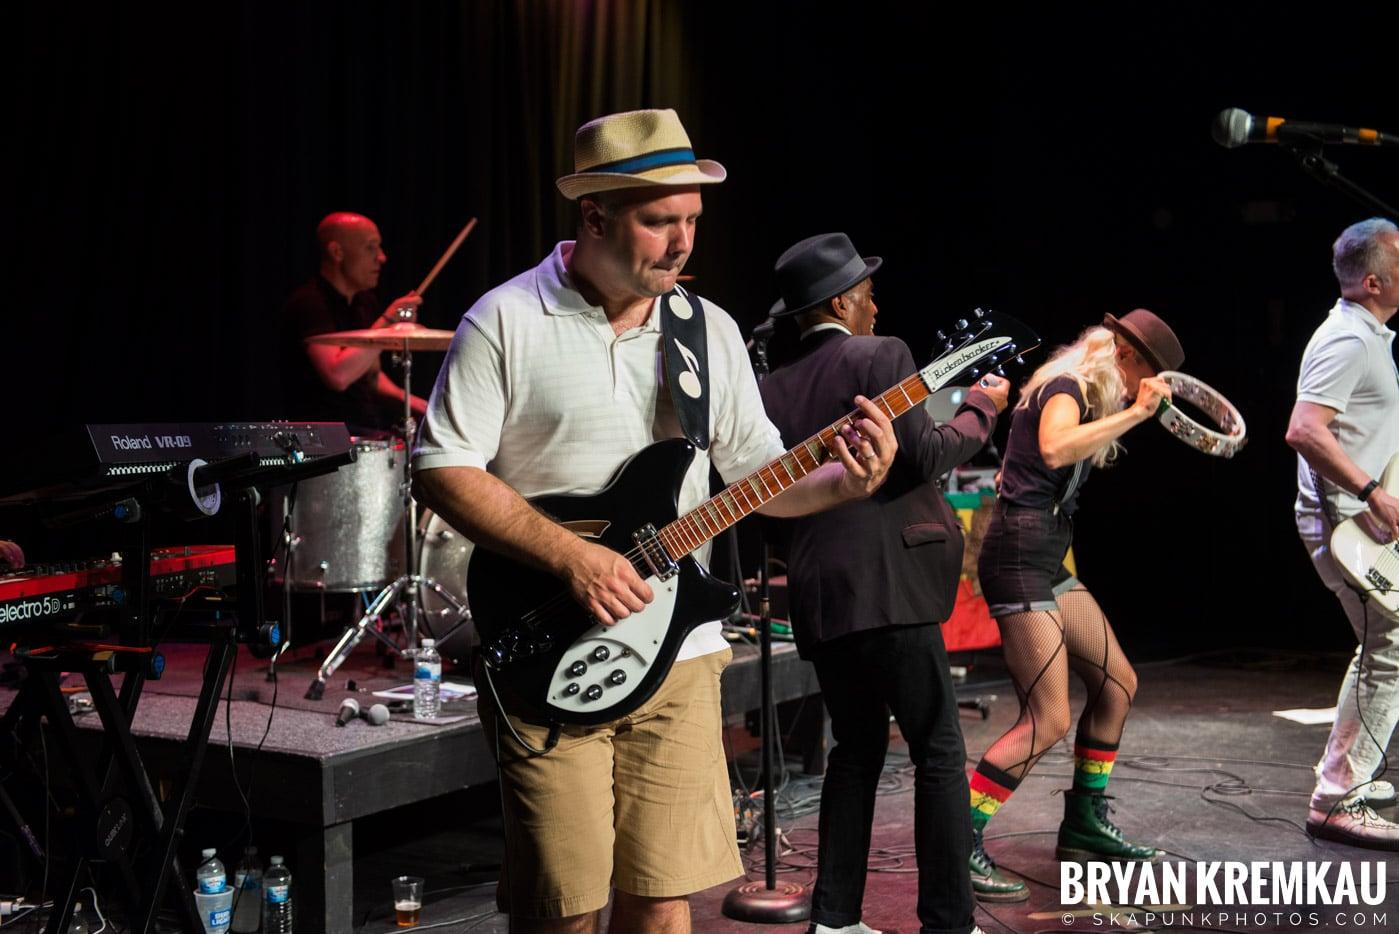 Rude Boy George @ Oskar Schindler Performing Arts Center, West Orange, NJ - 8.19.17 (18)